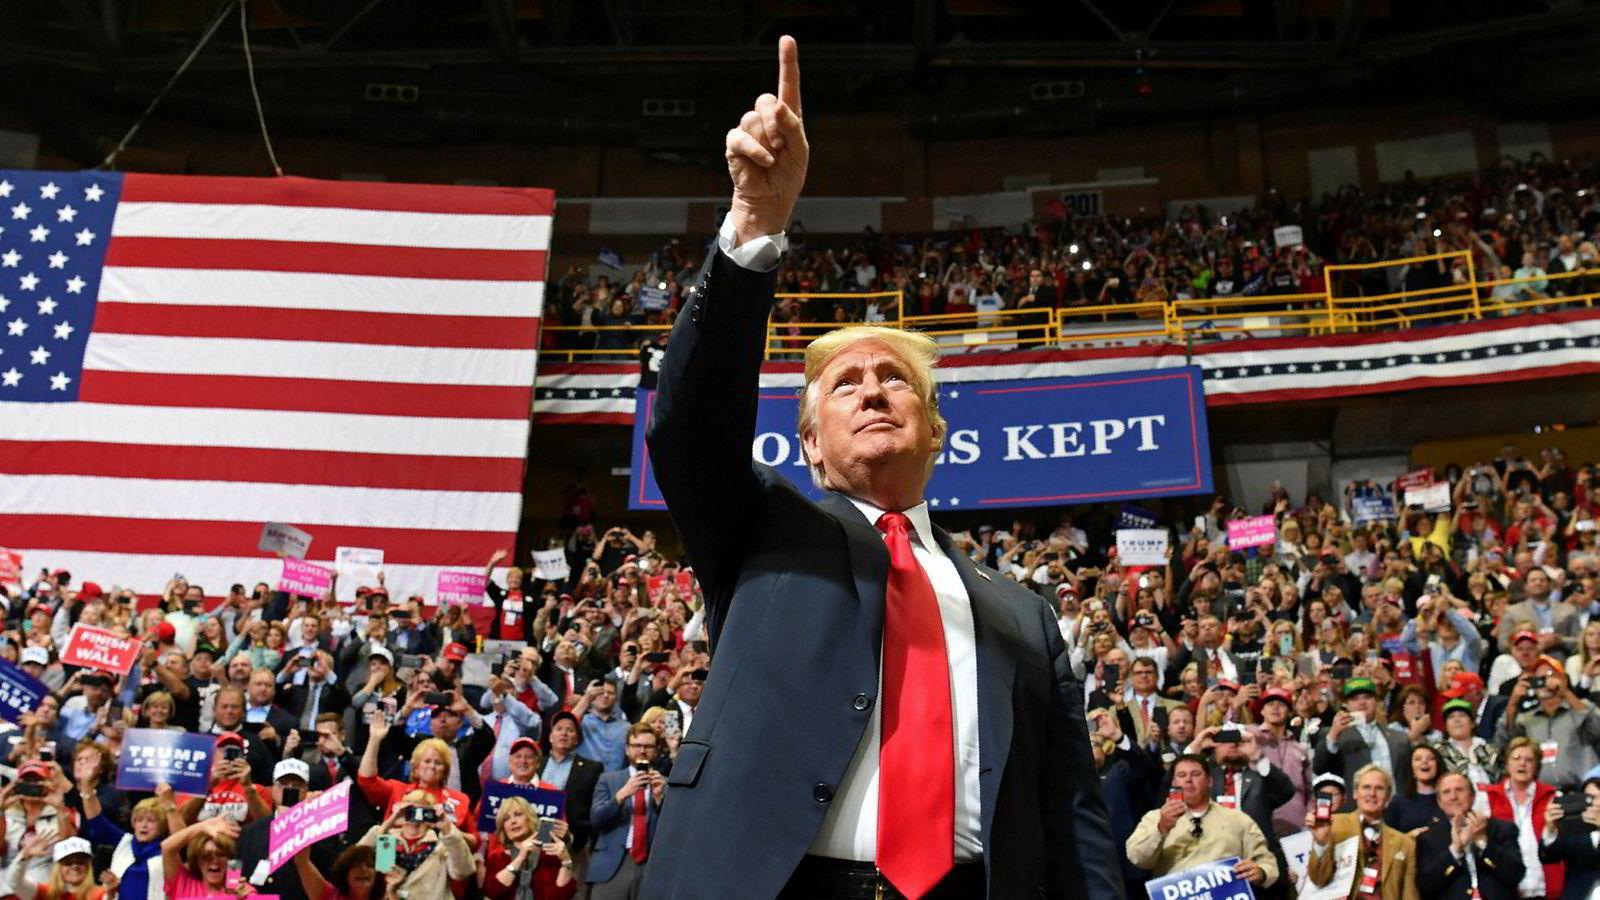 USA-ekspert Svein Melby regner med at president Donald Trump tar æren hvis republikanerne gjør det bra i tirsdagens valg, og legger skylden på andre hvis demokratene vinner. Her på et av sine valgmøter i Chattanooga i delstaten Tennessee søndag.